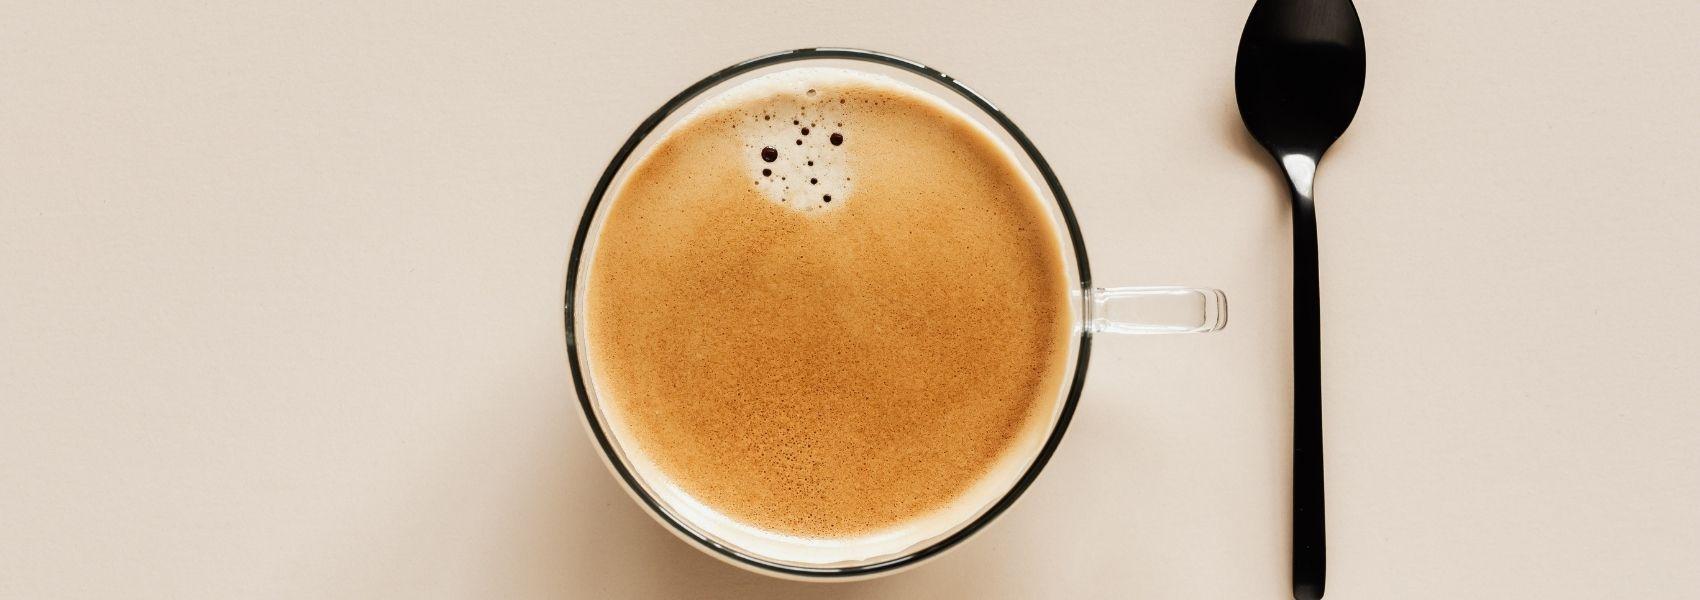 Expresso, café com leite ou descafeinado? O código genético condiciona o seu desejo por café